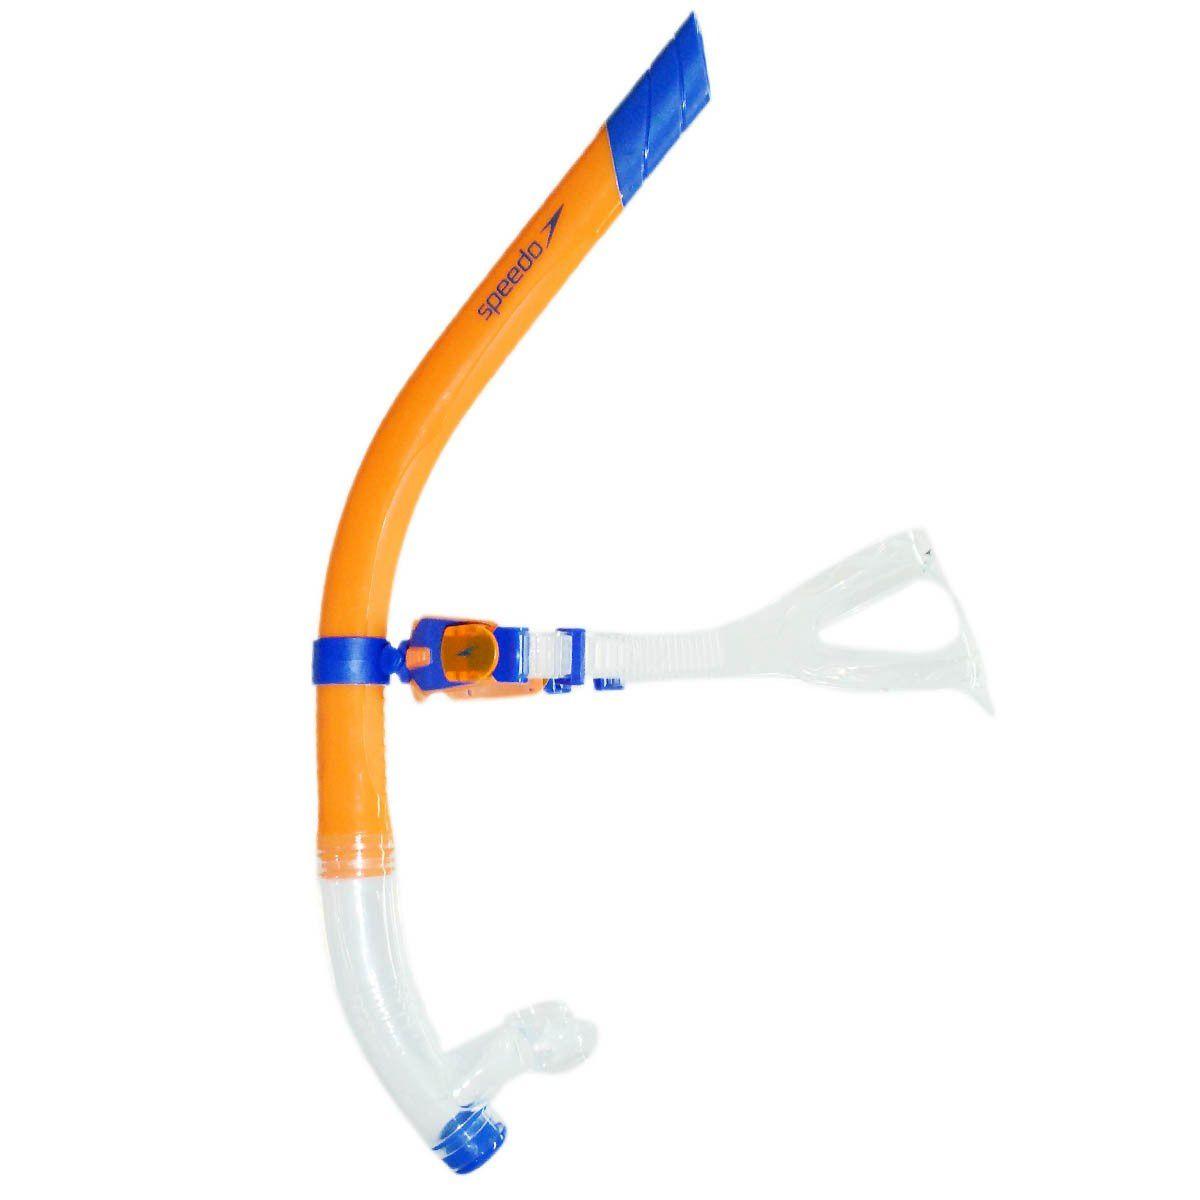 Snorkel Frontal Speedo para natação